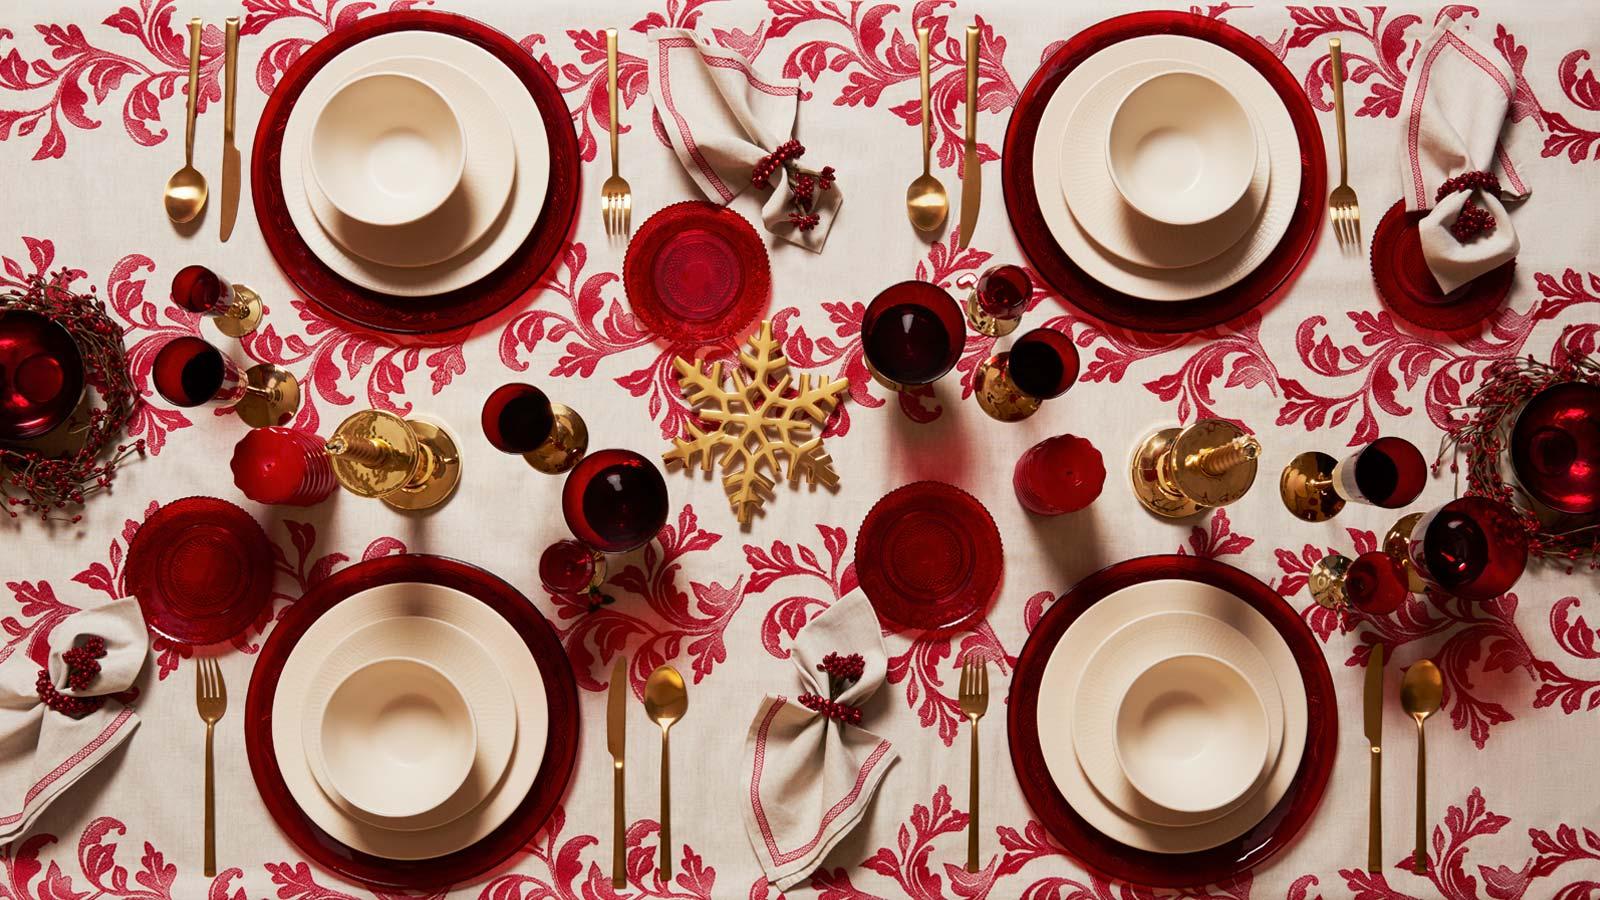 Natale 2017: tante idee per apparecchiare la tavola di Natale